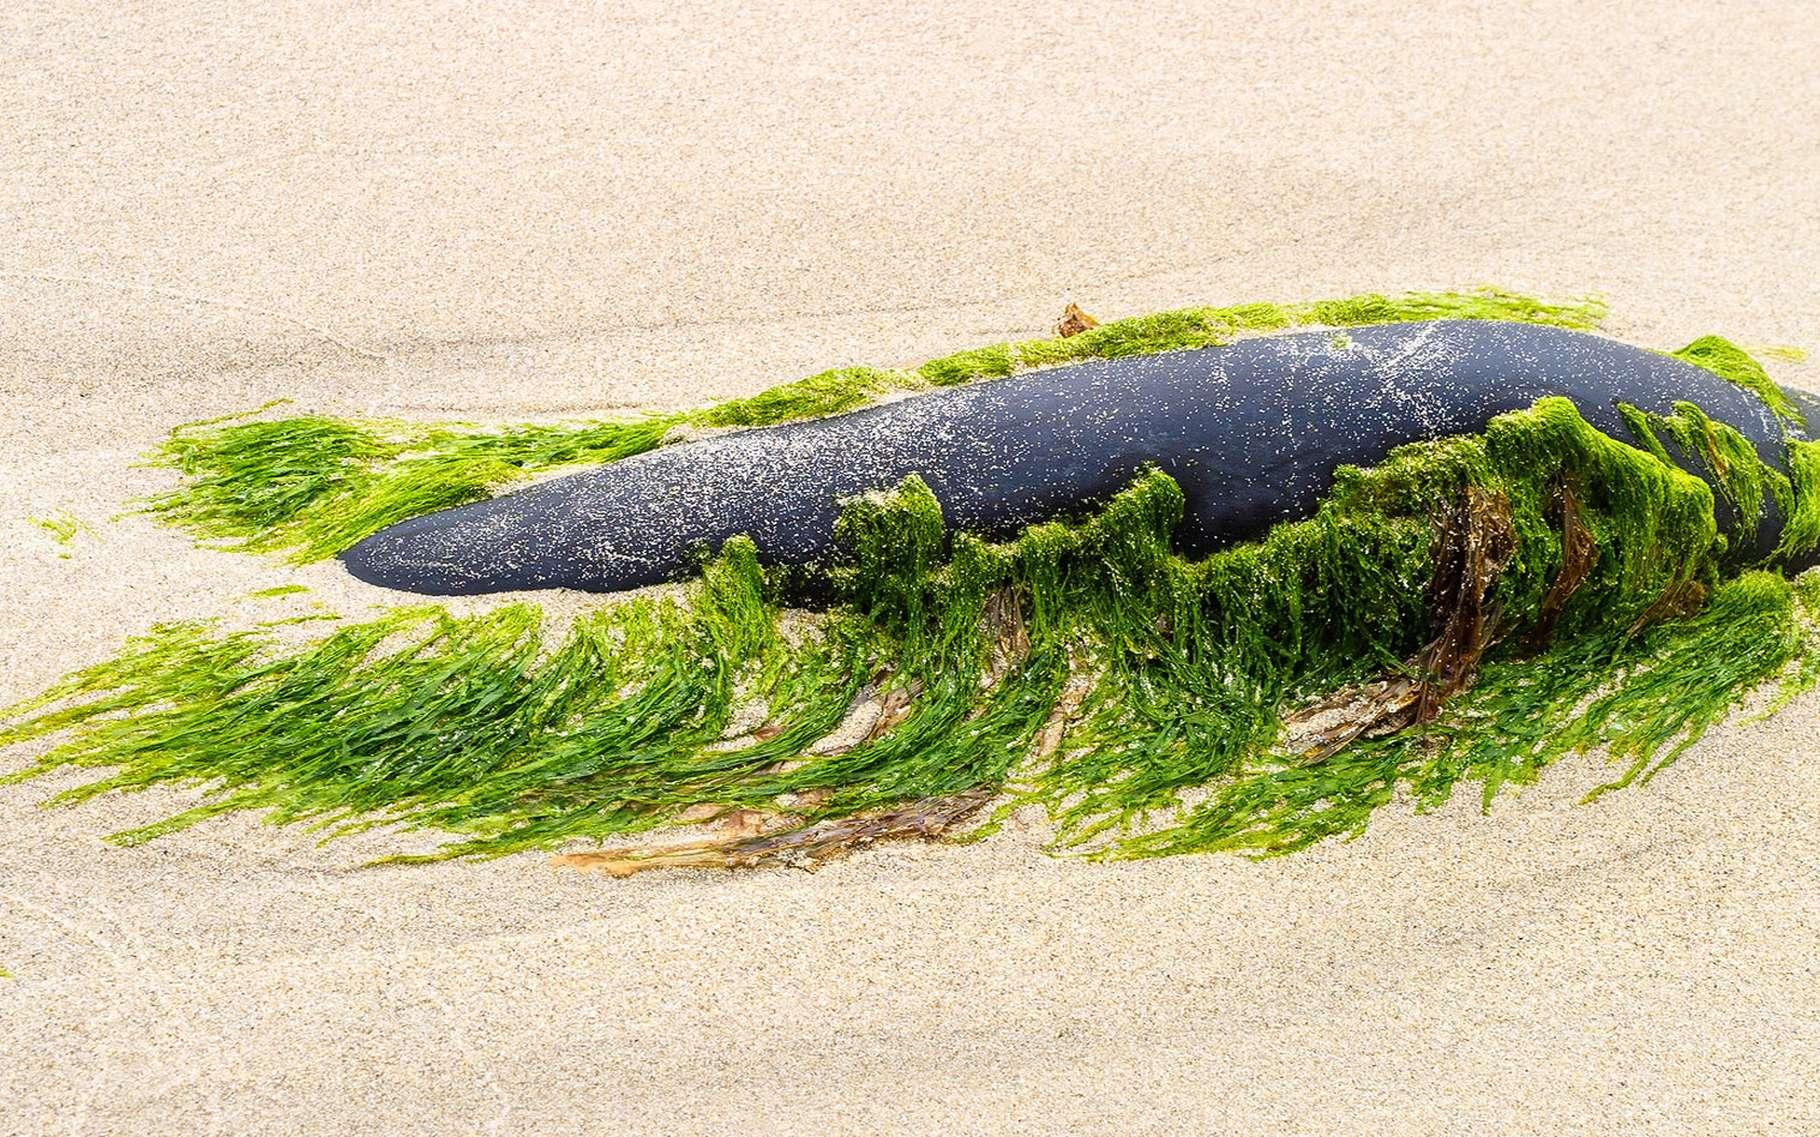 Les algues, comme le goémon, constituent un engrais parfait. © Lars Johansson, Fotolia